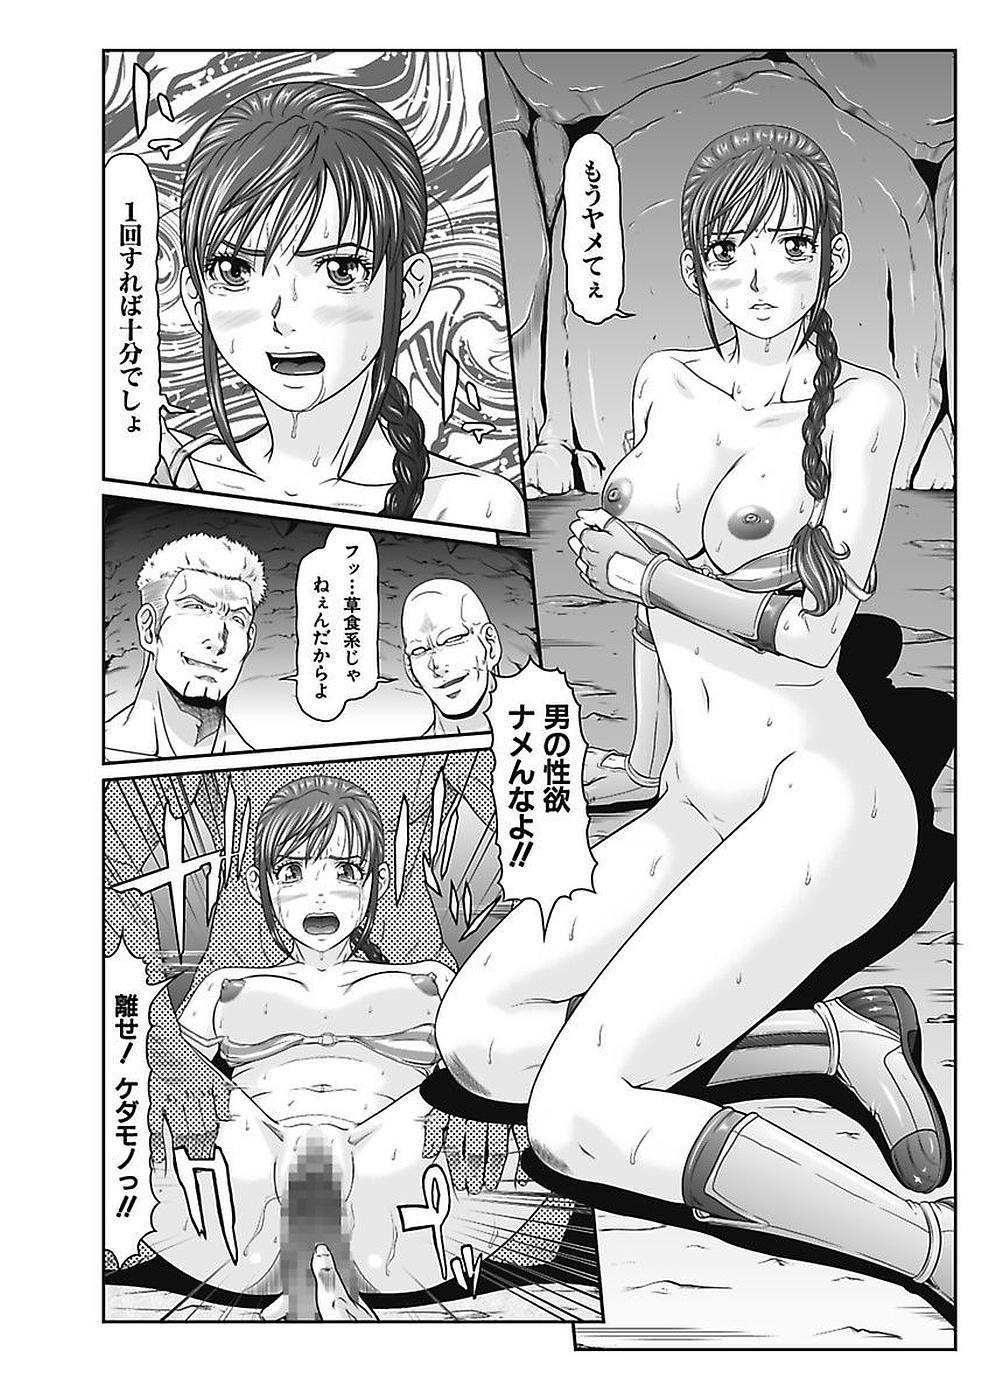 [Kurono Masakado] Dengeki Zecchou! Hihoujima ~Chikyuu no Oku ni Sasowarete~ Joukan 1